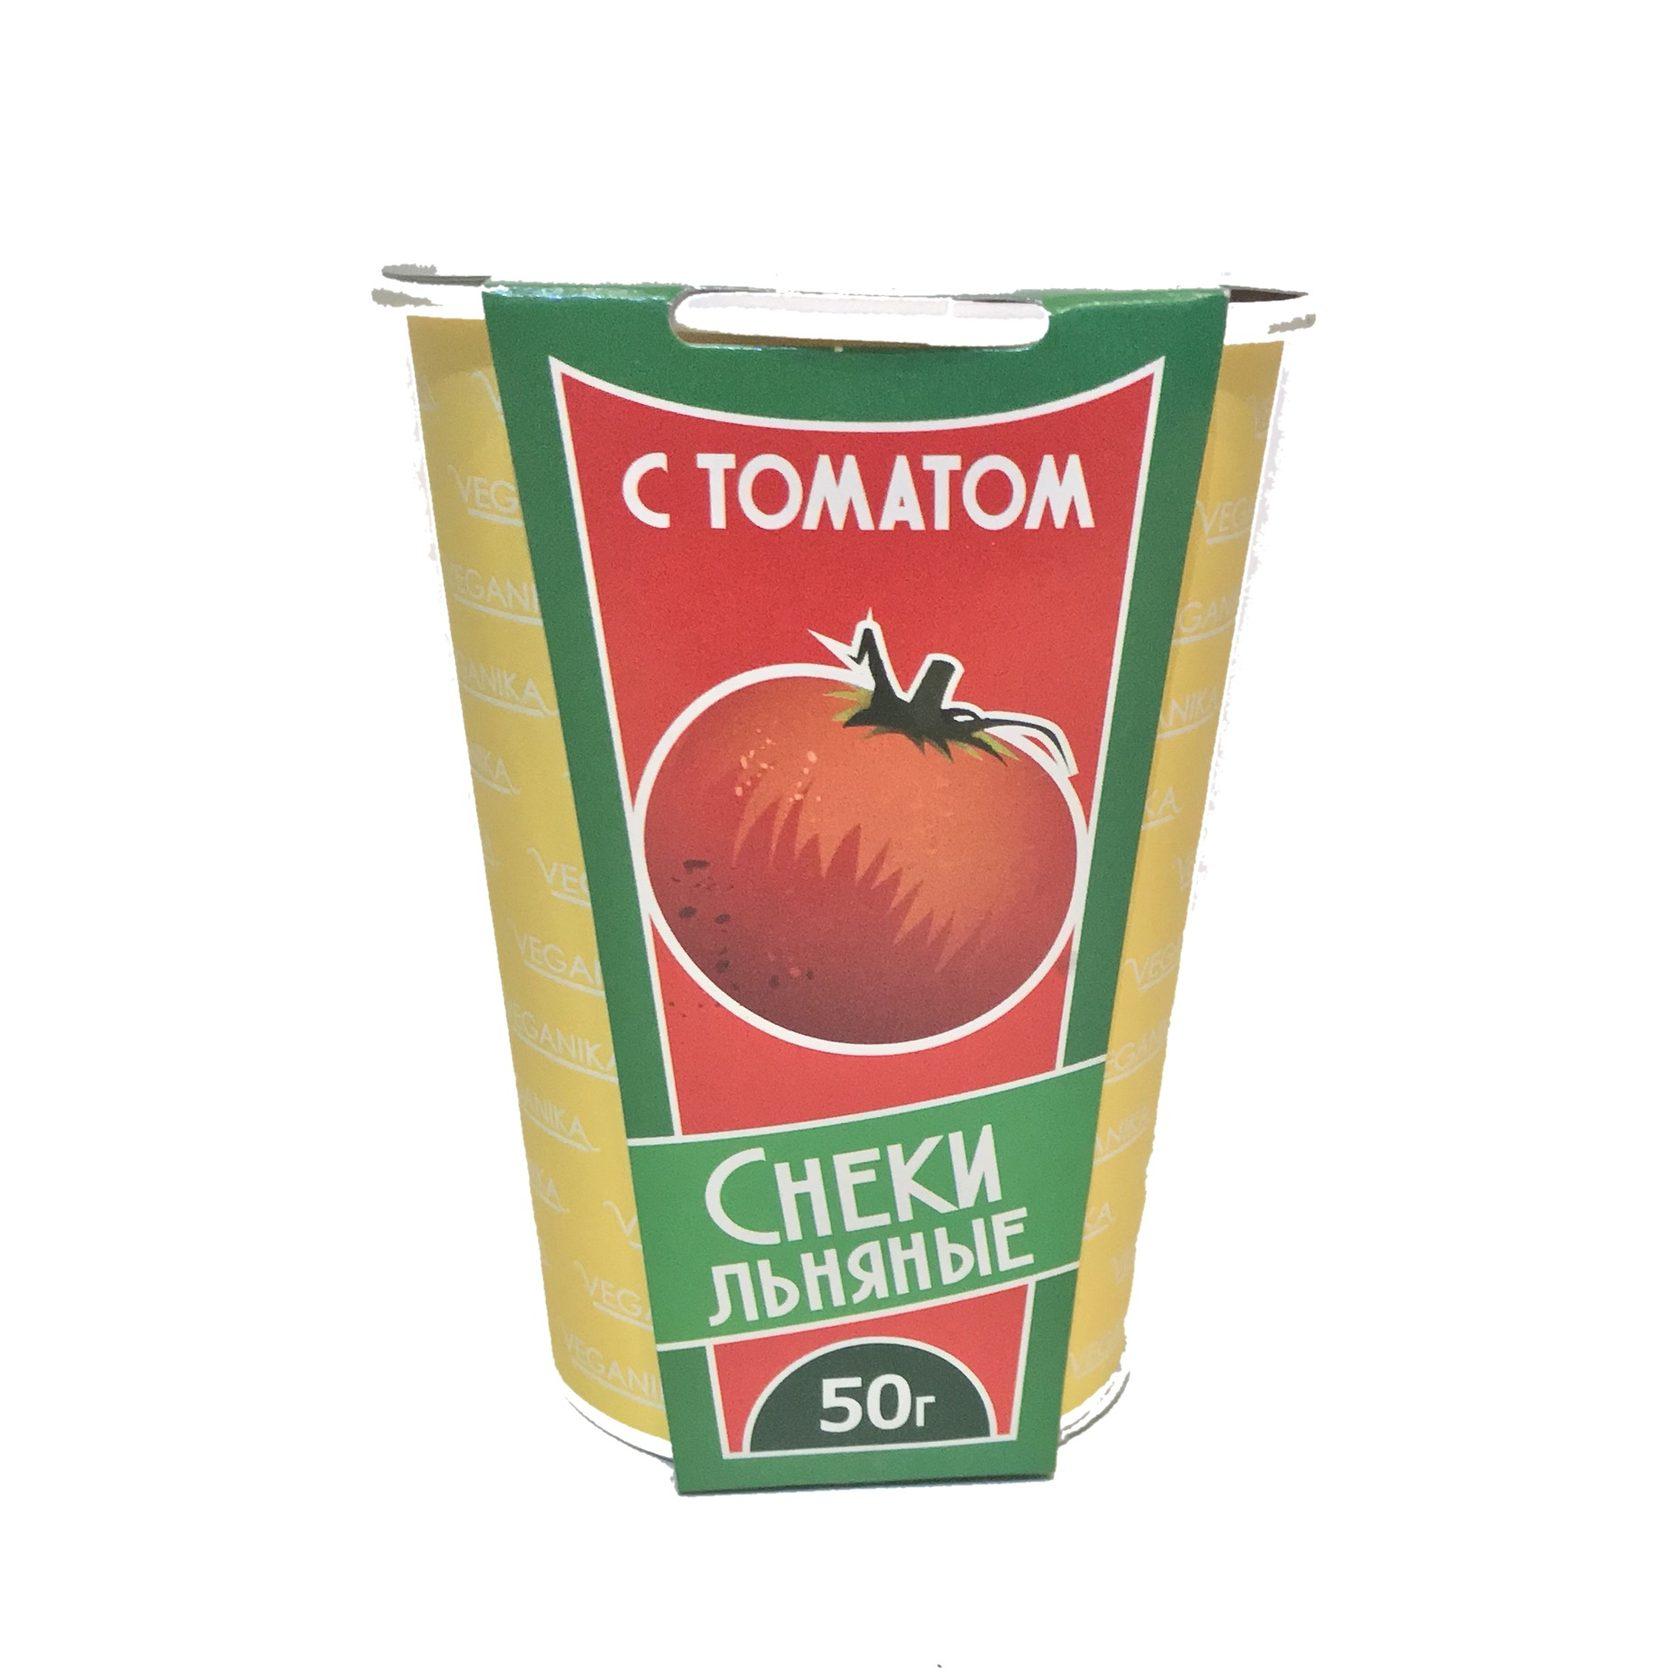 Снеки льняные с томатом, 50г